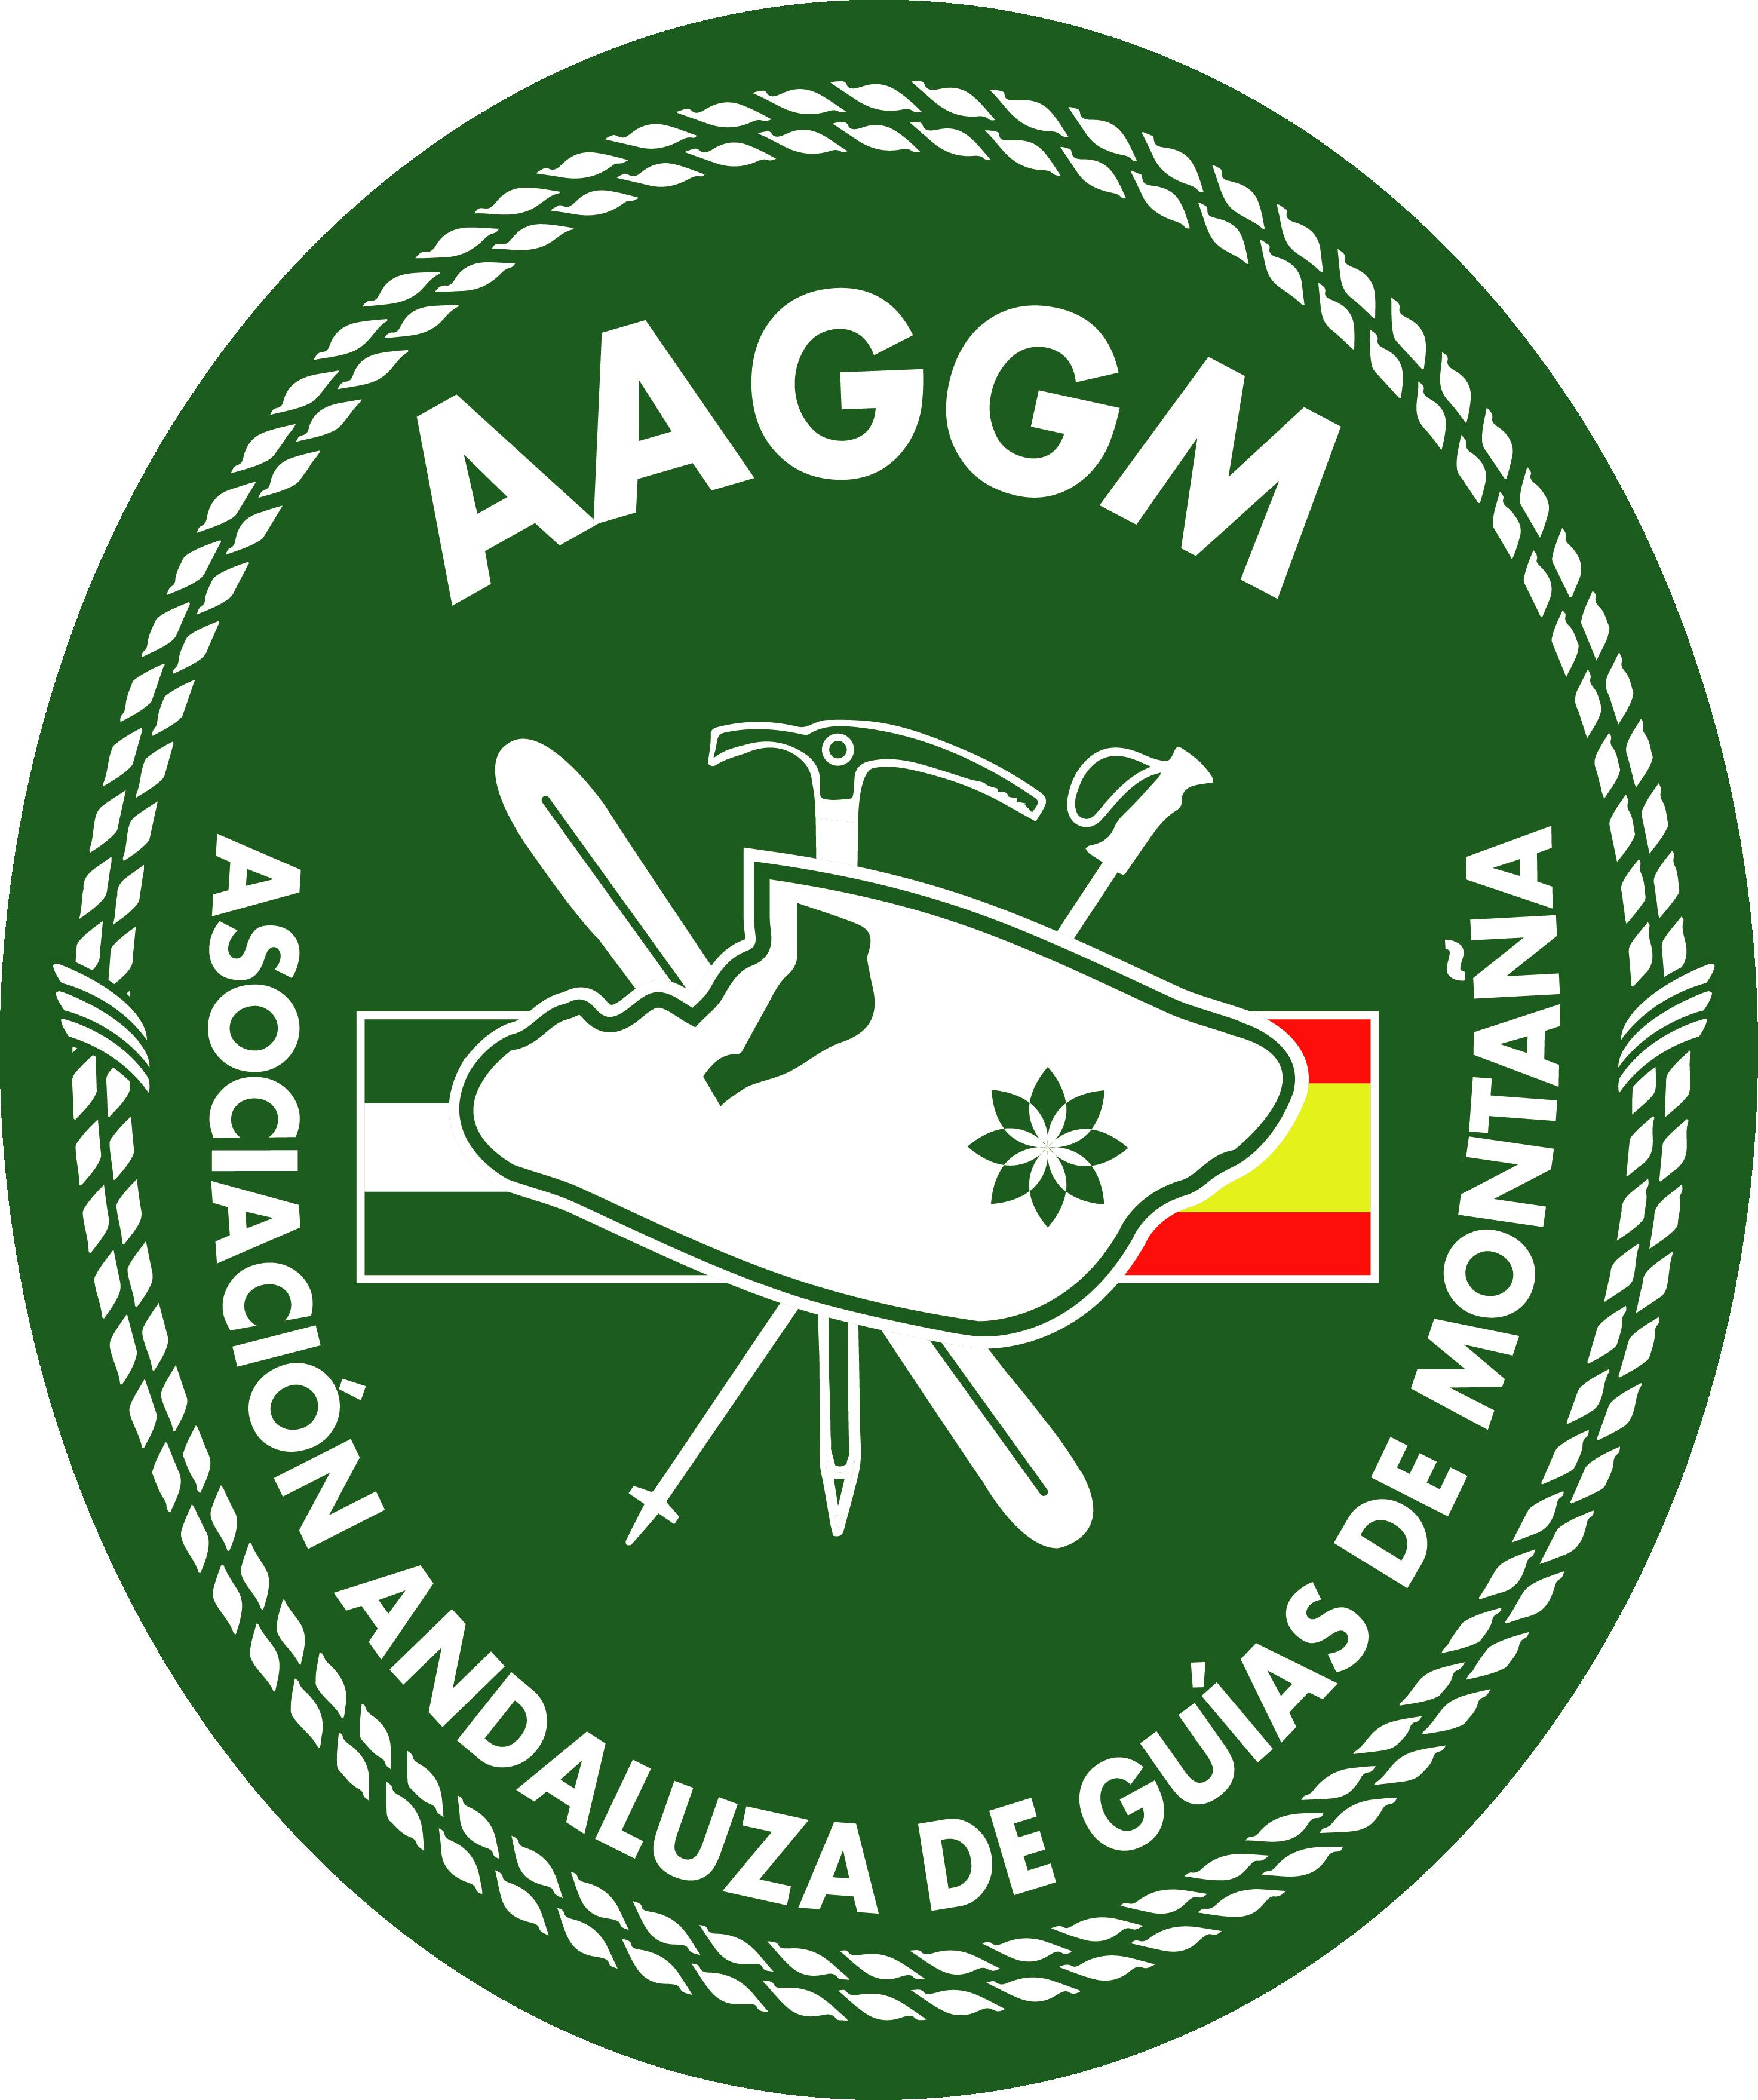 Logo-Asociación-Andaluza-de-Guías-de-Montaña